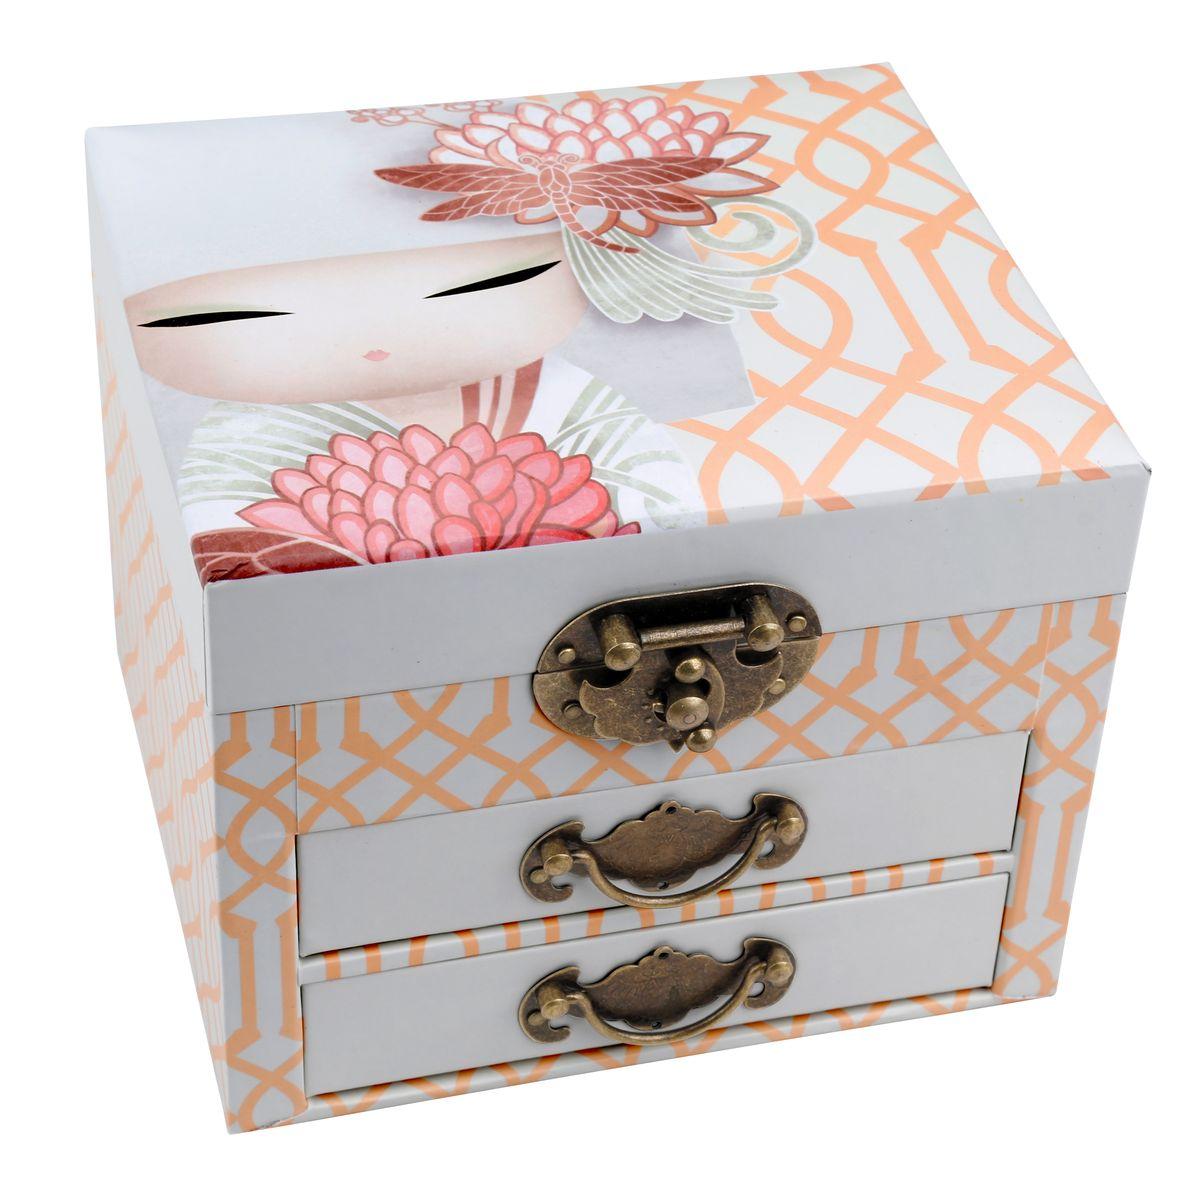 Шкатулка для бижутерии Kimmidoll Казуми (Страсть)KS0869Милая шкатулка для бижутерии Kimmidoll Казуми (Страсть) выполнена из плотного картона. Шкатулка оснащена двумя выдвижными ящичками и декорирована винтажными ручками и замком. Внутри шкатулка имеет три секции для хранения любимой бижутерии. На внутренней стороне крышки шкатулки есть зеркало прямоугольной формы. Такая шкатулка не только надежно сохранит вашу бижутерию, но и станет изысканным украшением интерьера. Привет, меня зовут Казуми. Я талисман страсти! Мой дух заряжает энтузиазмом и энергией. Вашим страстным характером и неуемной энергией вы вдохновляете других присоединиться к вам в достижении ваших целей и желаний. Всегда будьте позитивной силой в этом мире и всегда достигайте того, чего вы намеревались сделать.